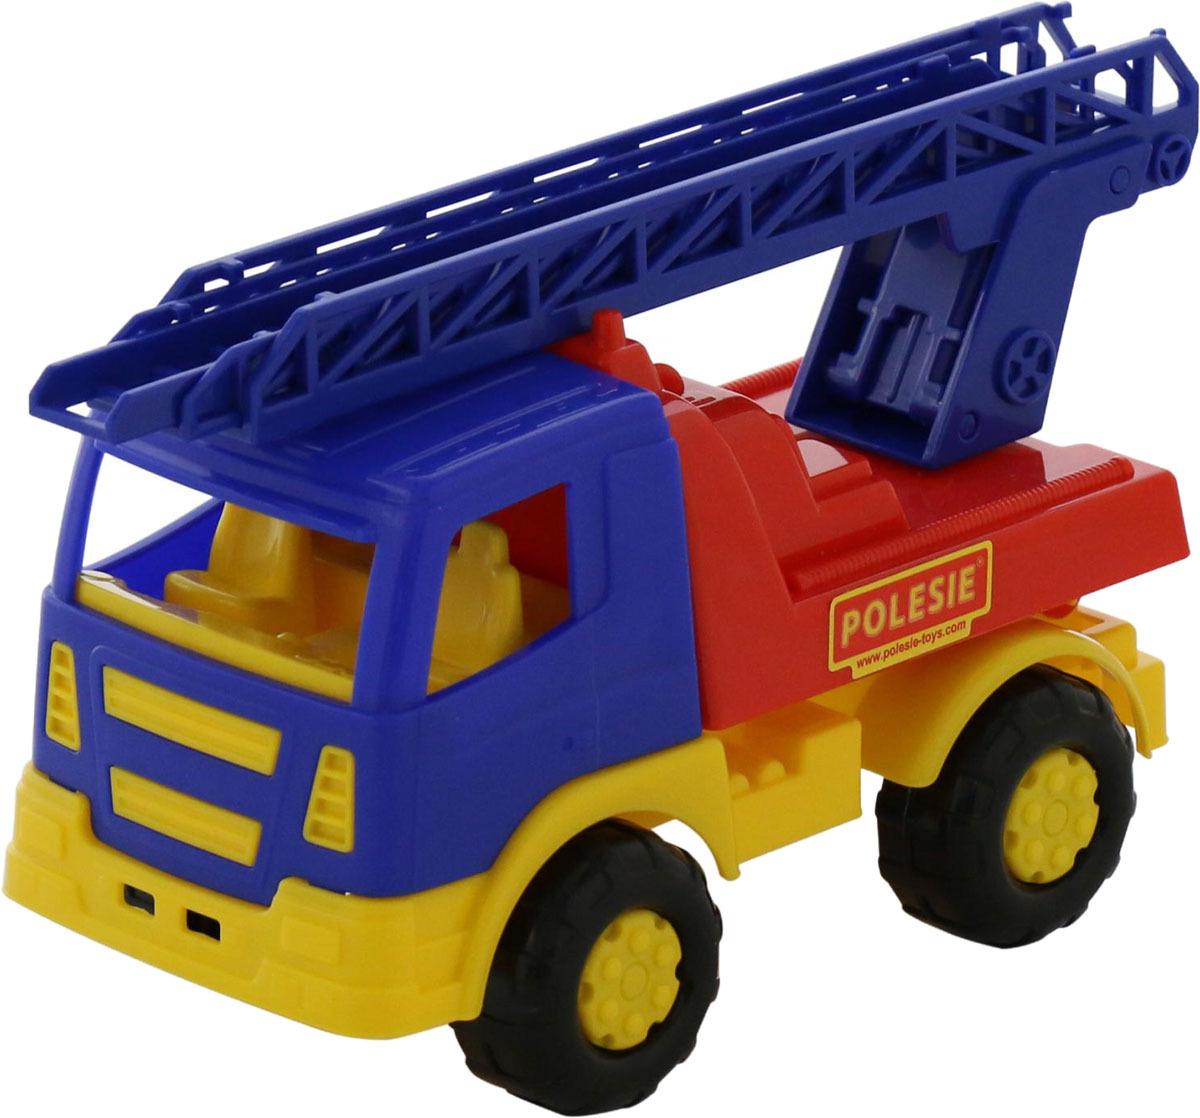 Фото - Пожарная машина Полесье Салют, цвет в ассортименте полесье набор игрушек для песочницы 468 цвет в ассортименте